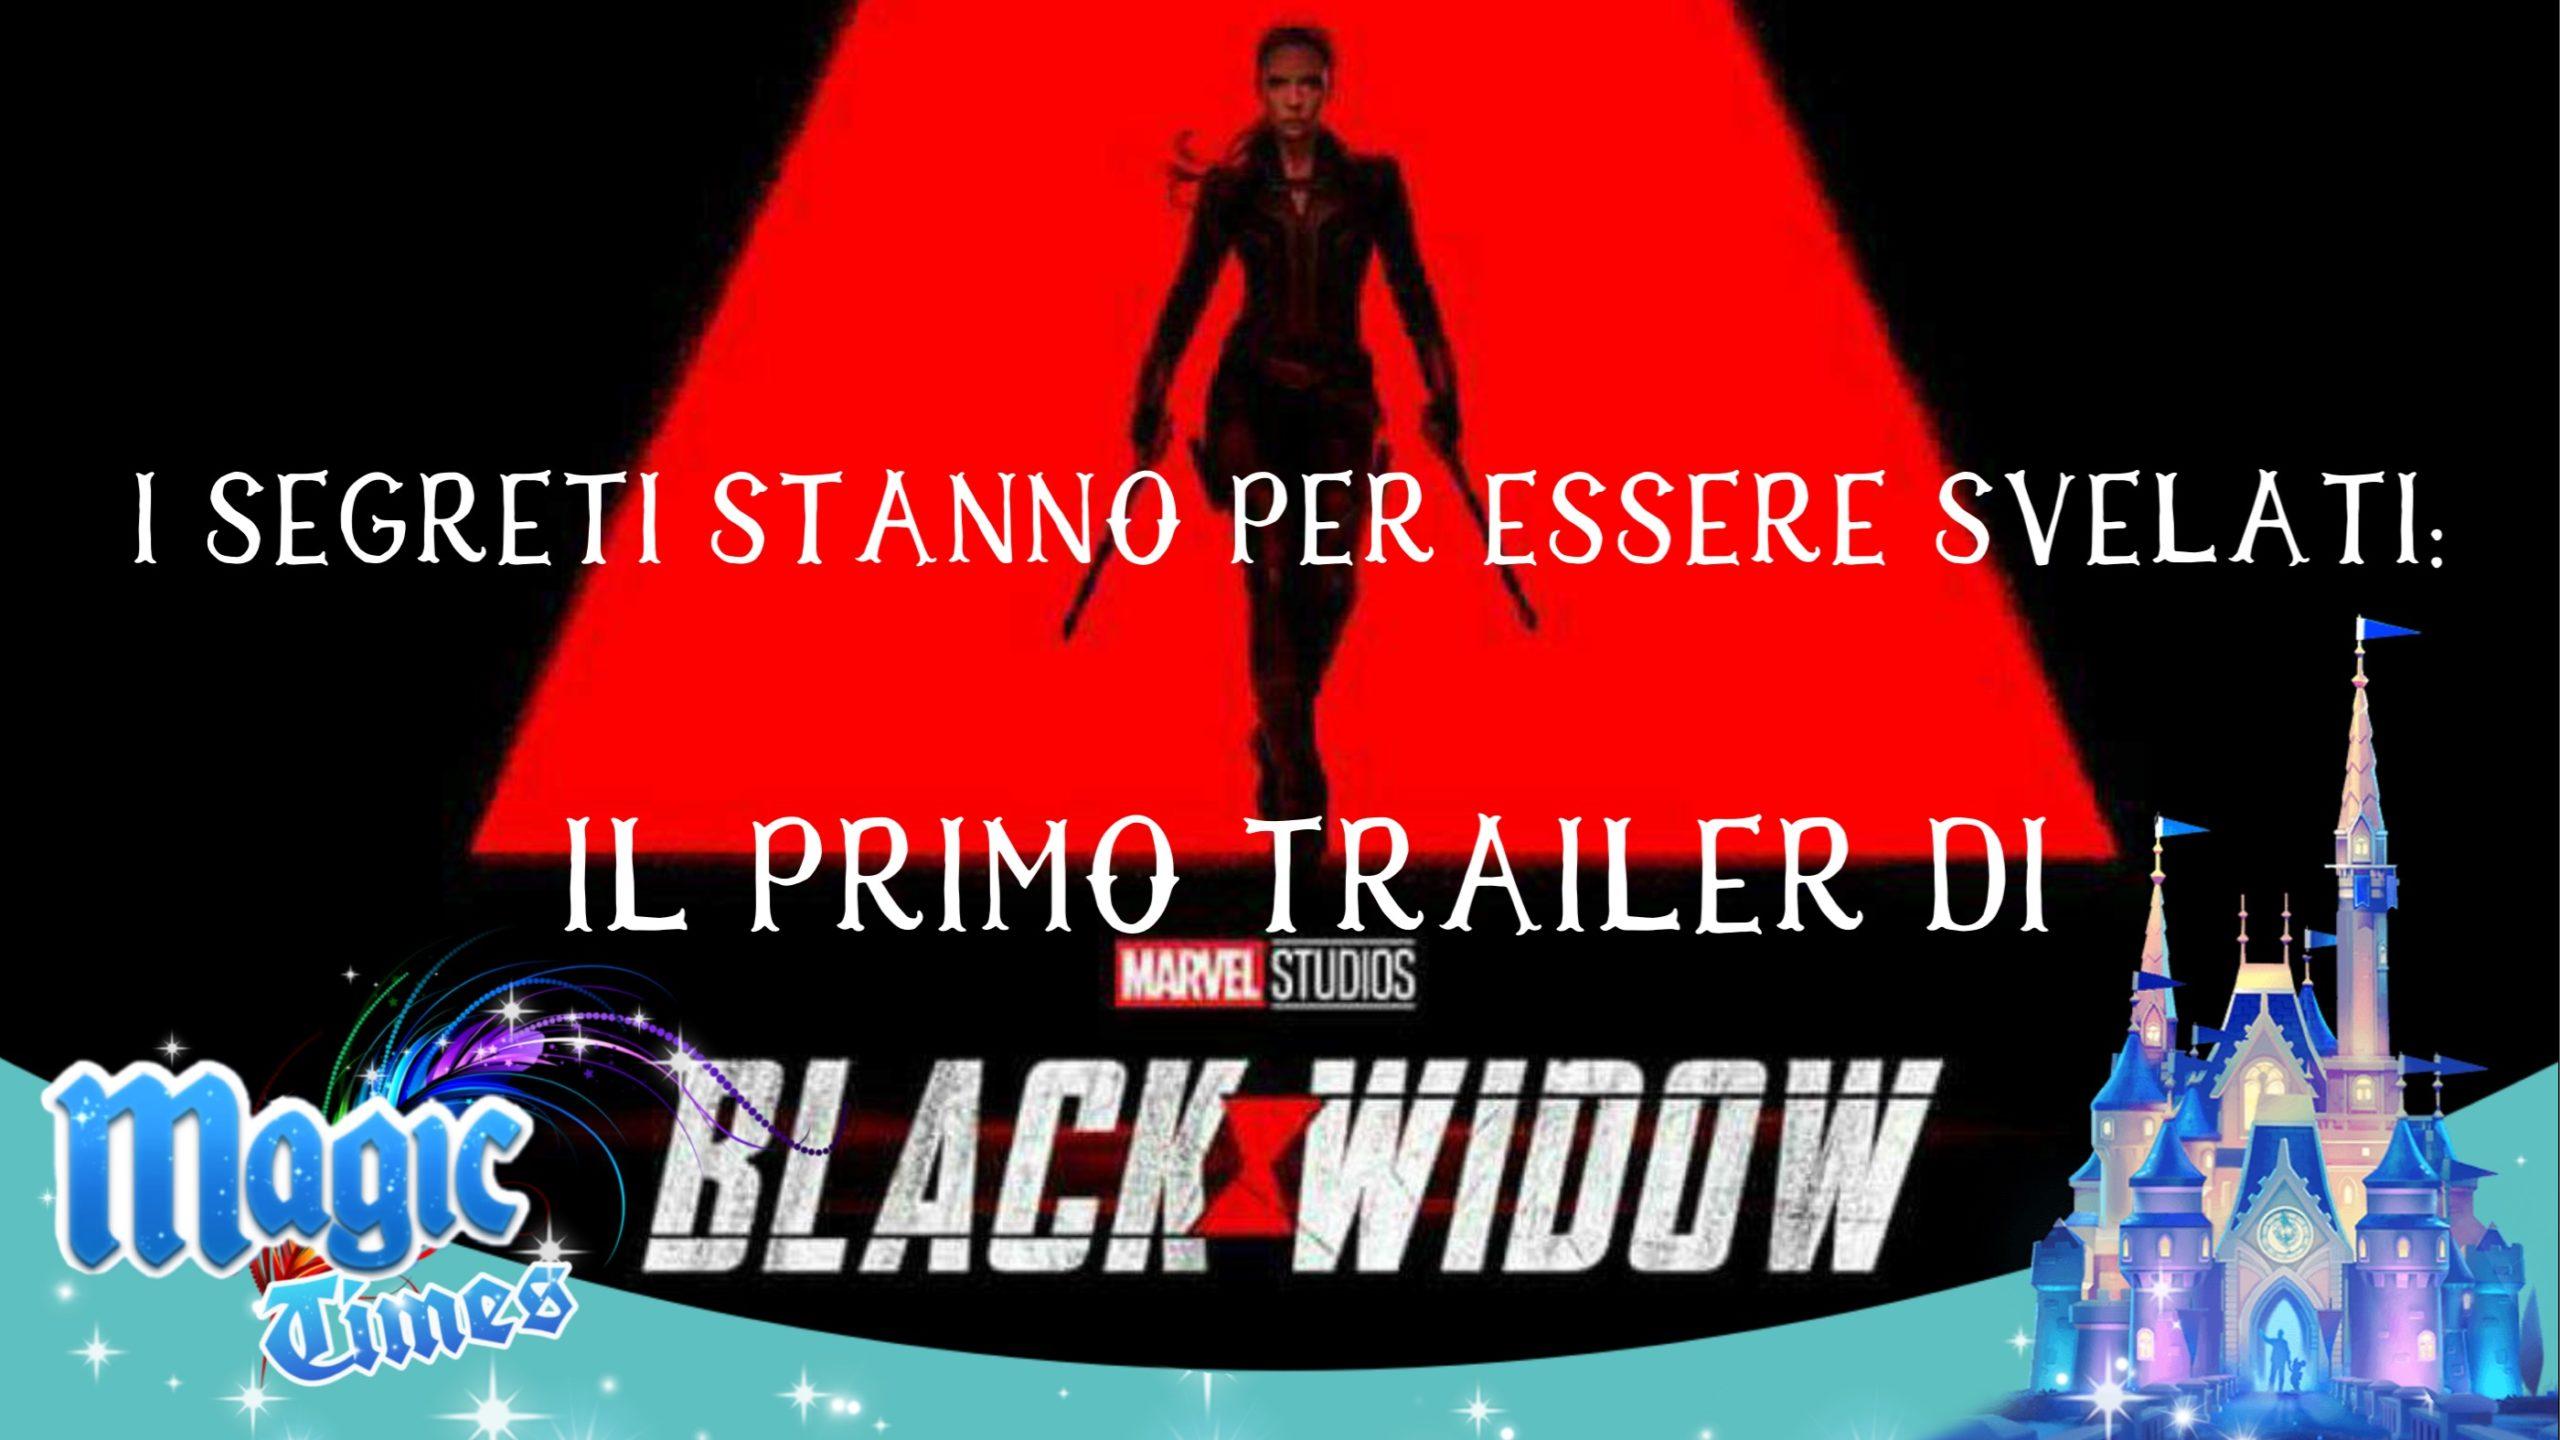 I segreti stanno per essere svelati: il primo trailer di Black Widow